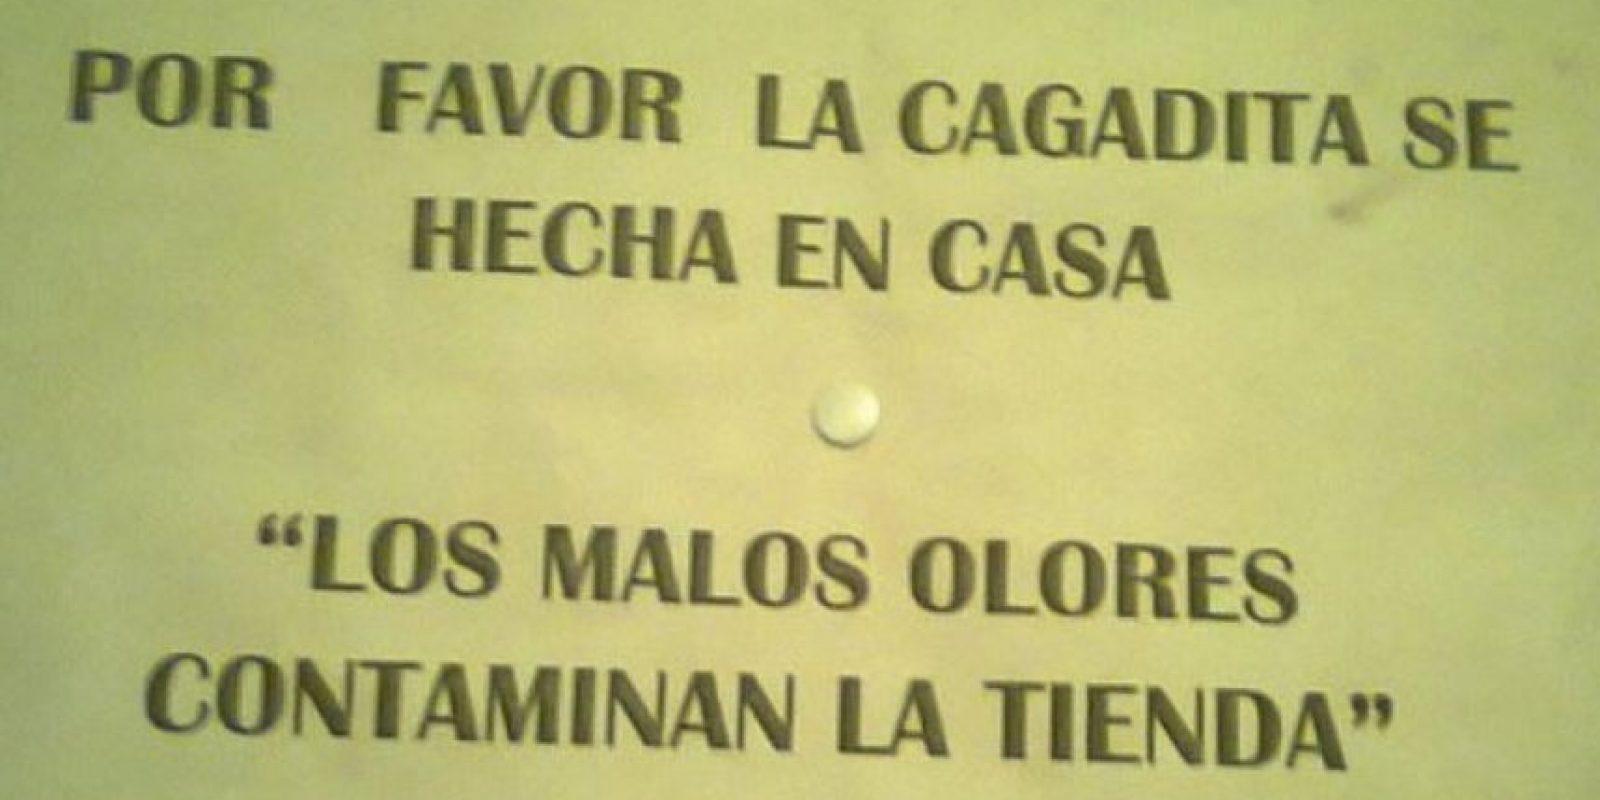 Todo sea por la higiene Foto:Colombianadas.net